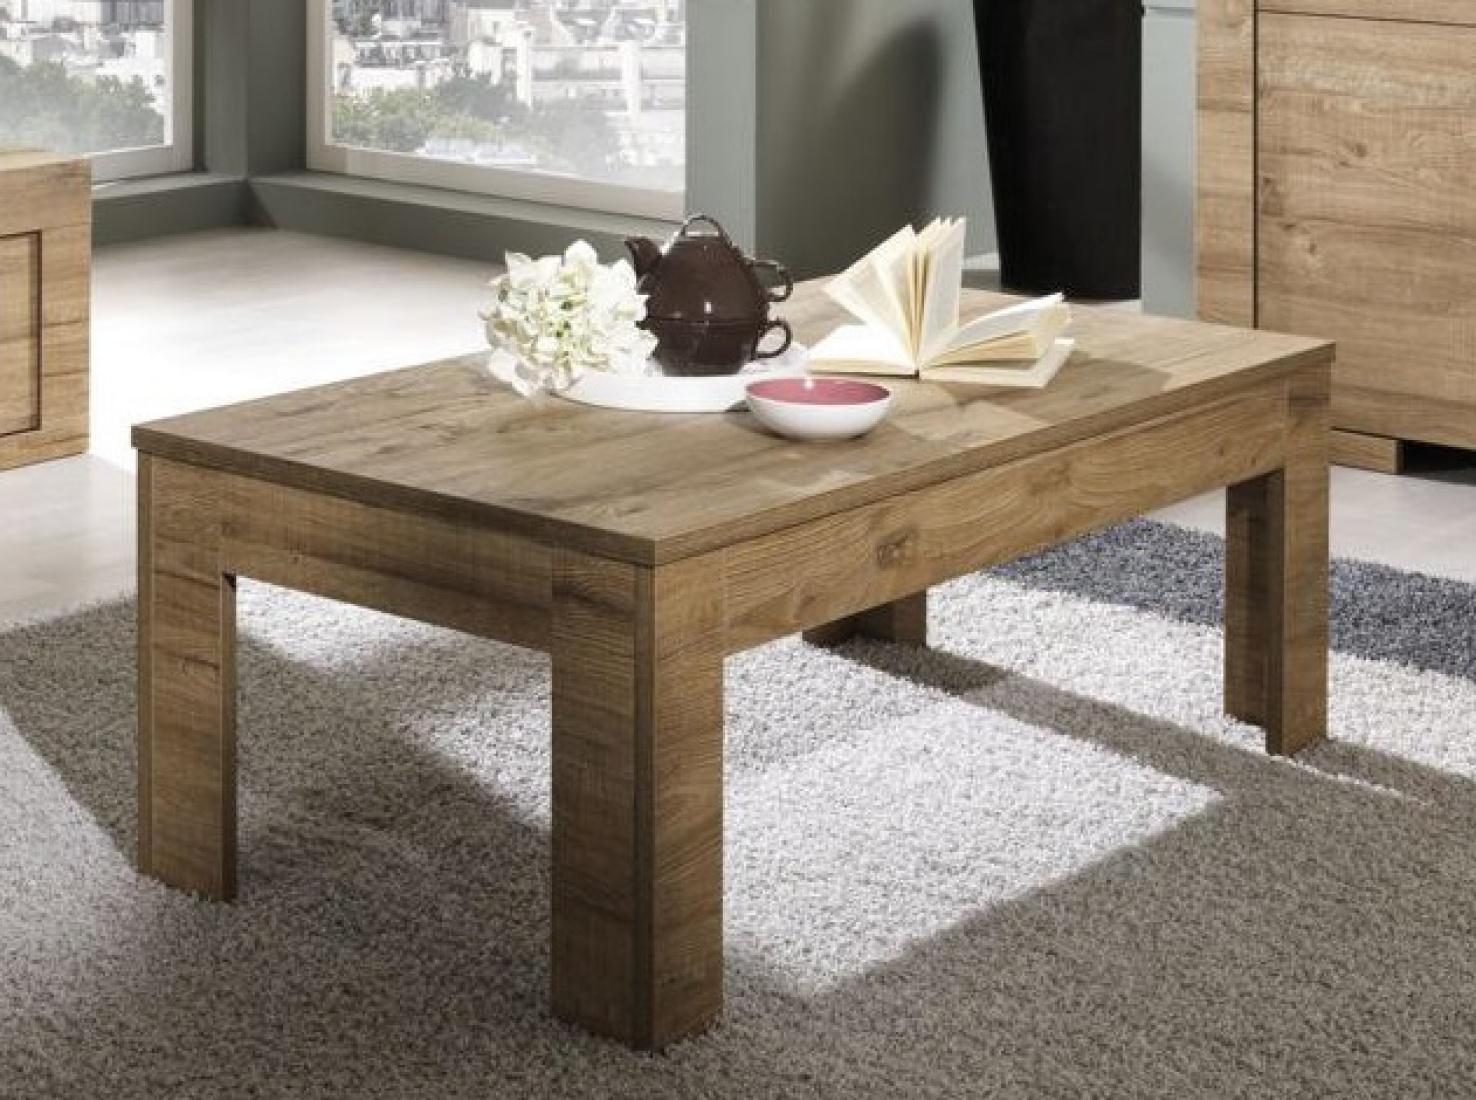 couchtisch roma eiche natur kaufen bei m bel lux. Black Bedroom Furniture Sets. Home Design Ideas